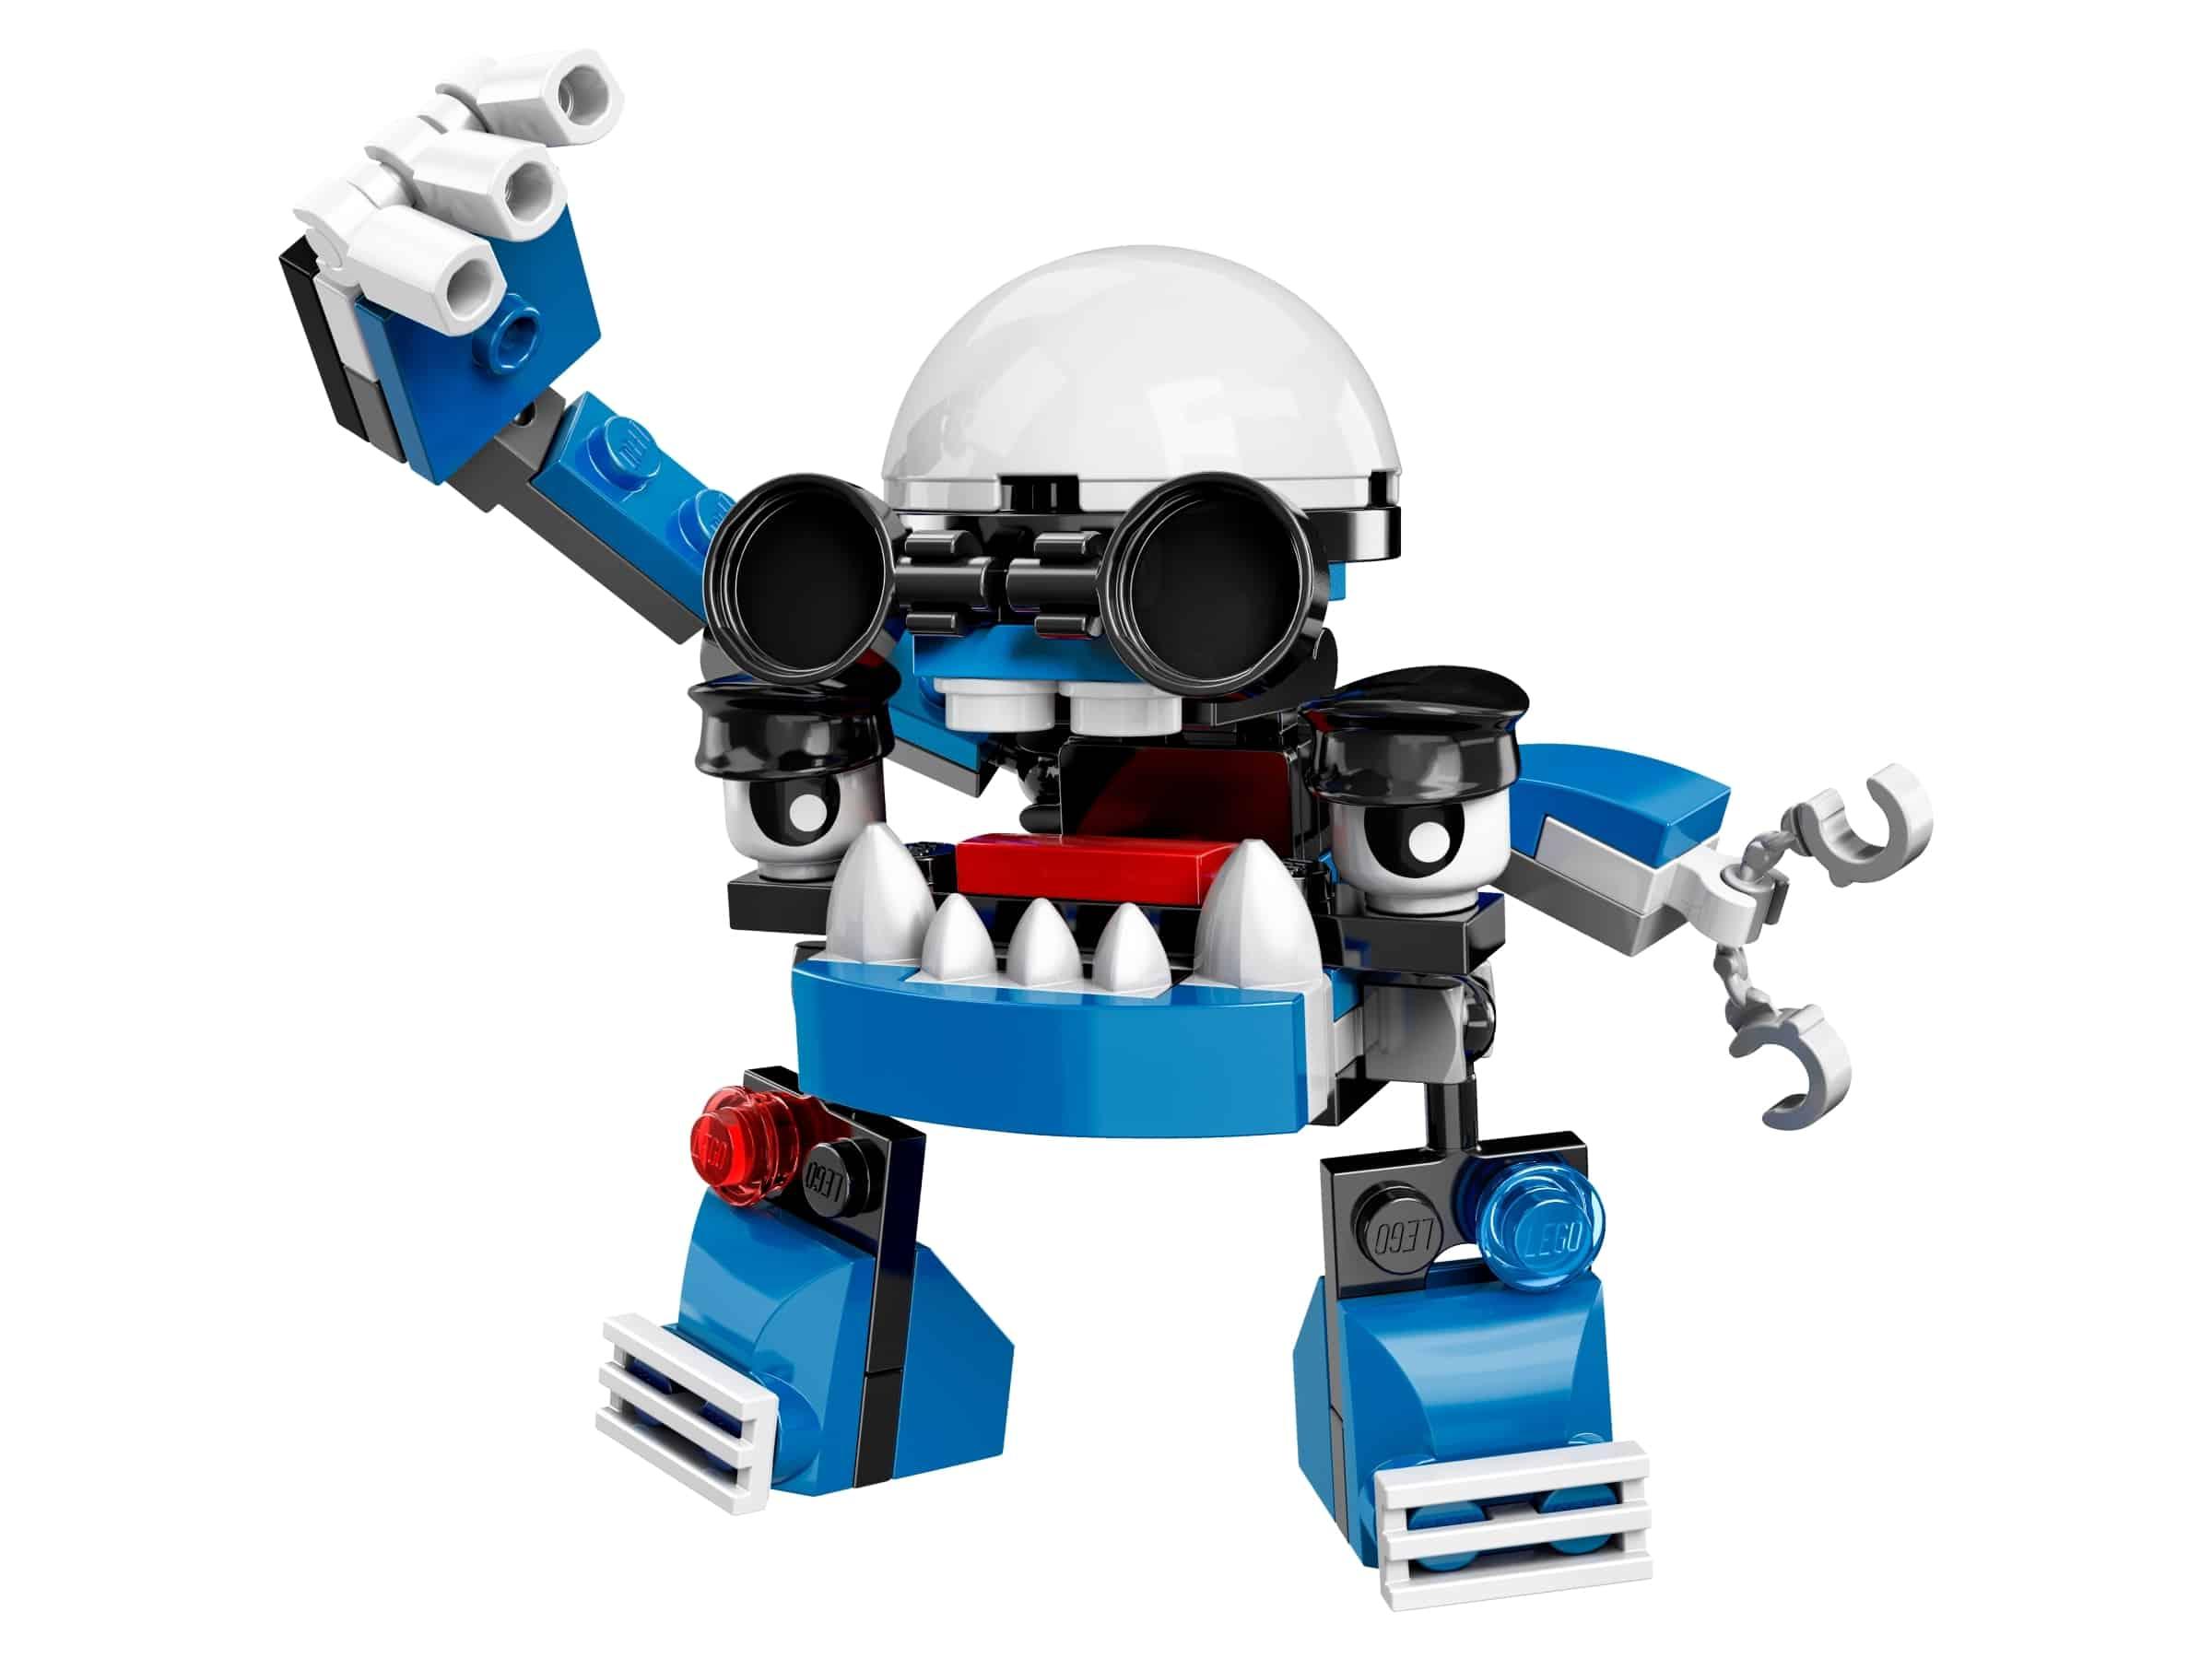 lego kuffs 41554